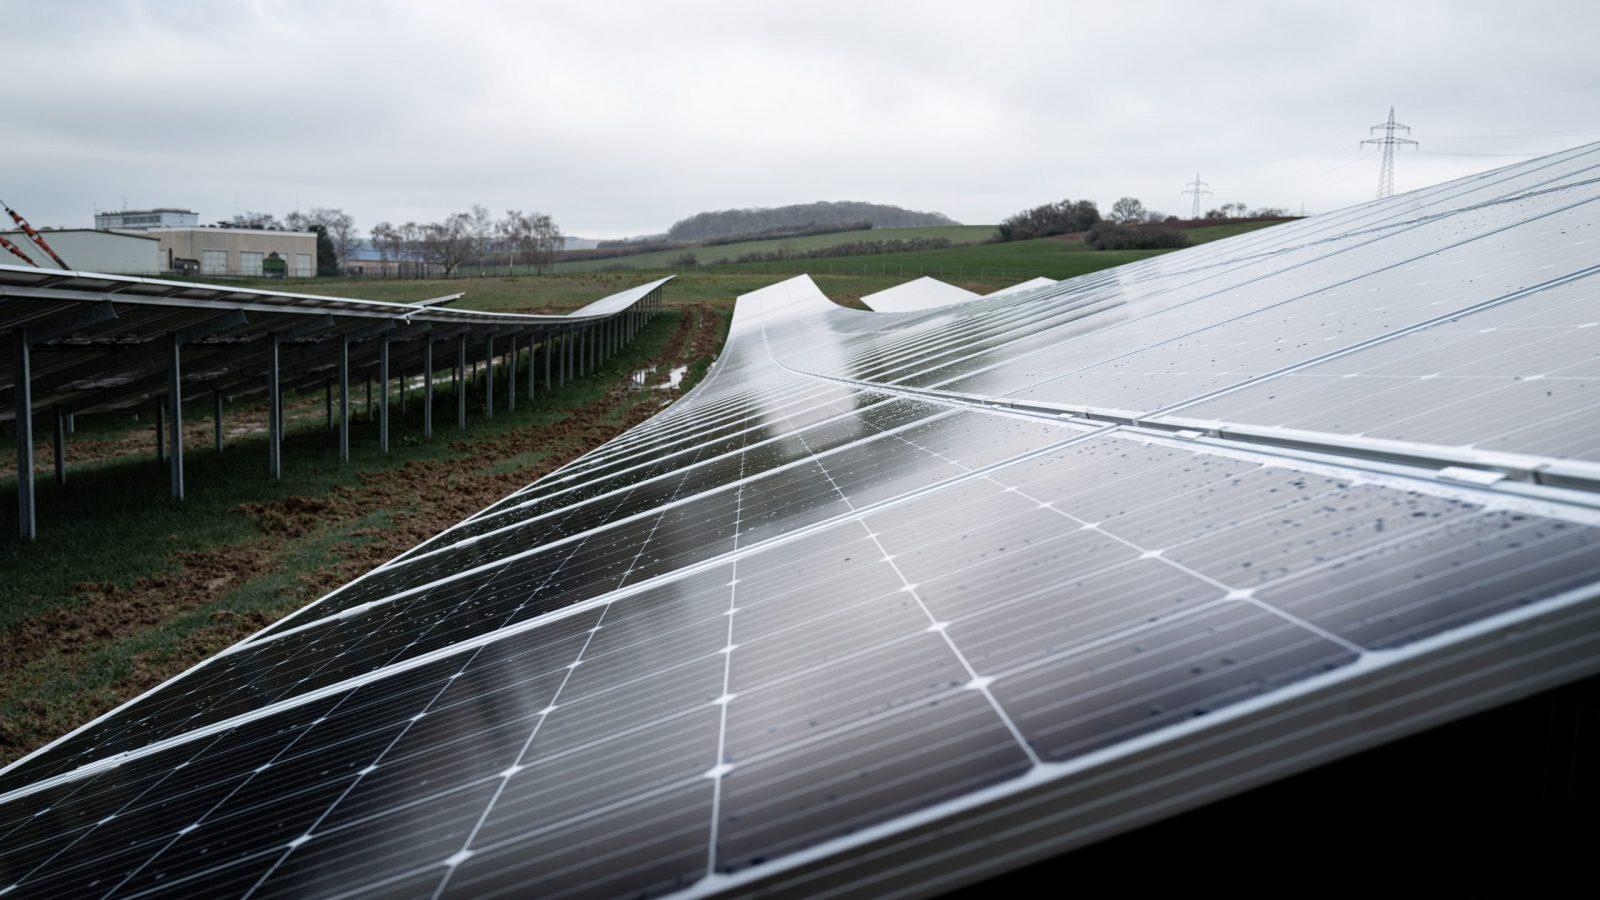 Erneuerbare Energie: 20 neue großflächige Solaranlagen geplant - REPORTER